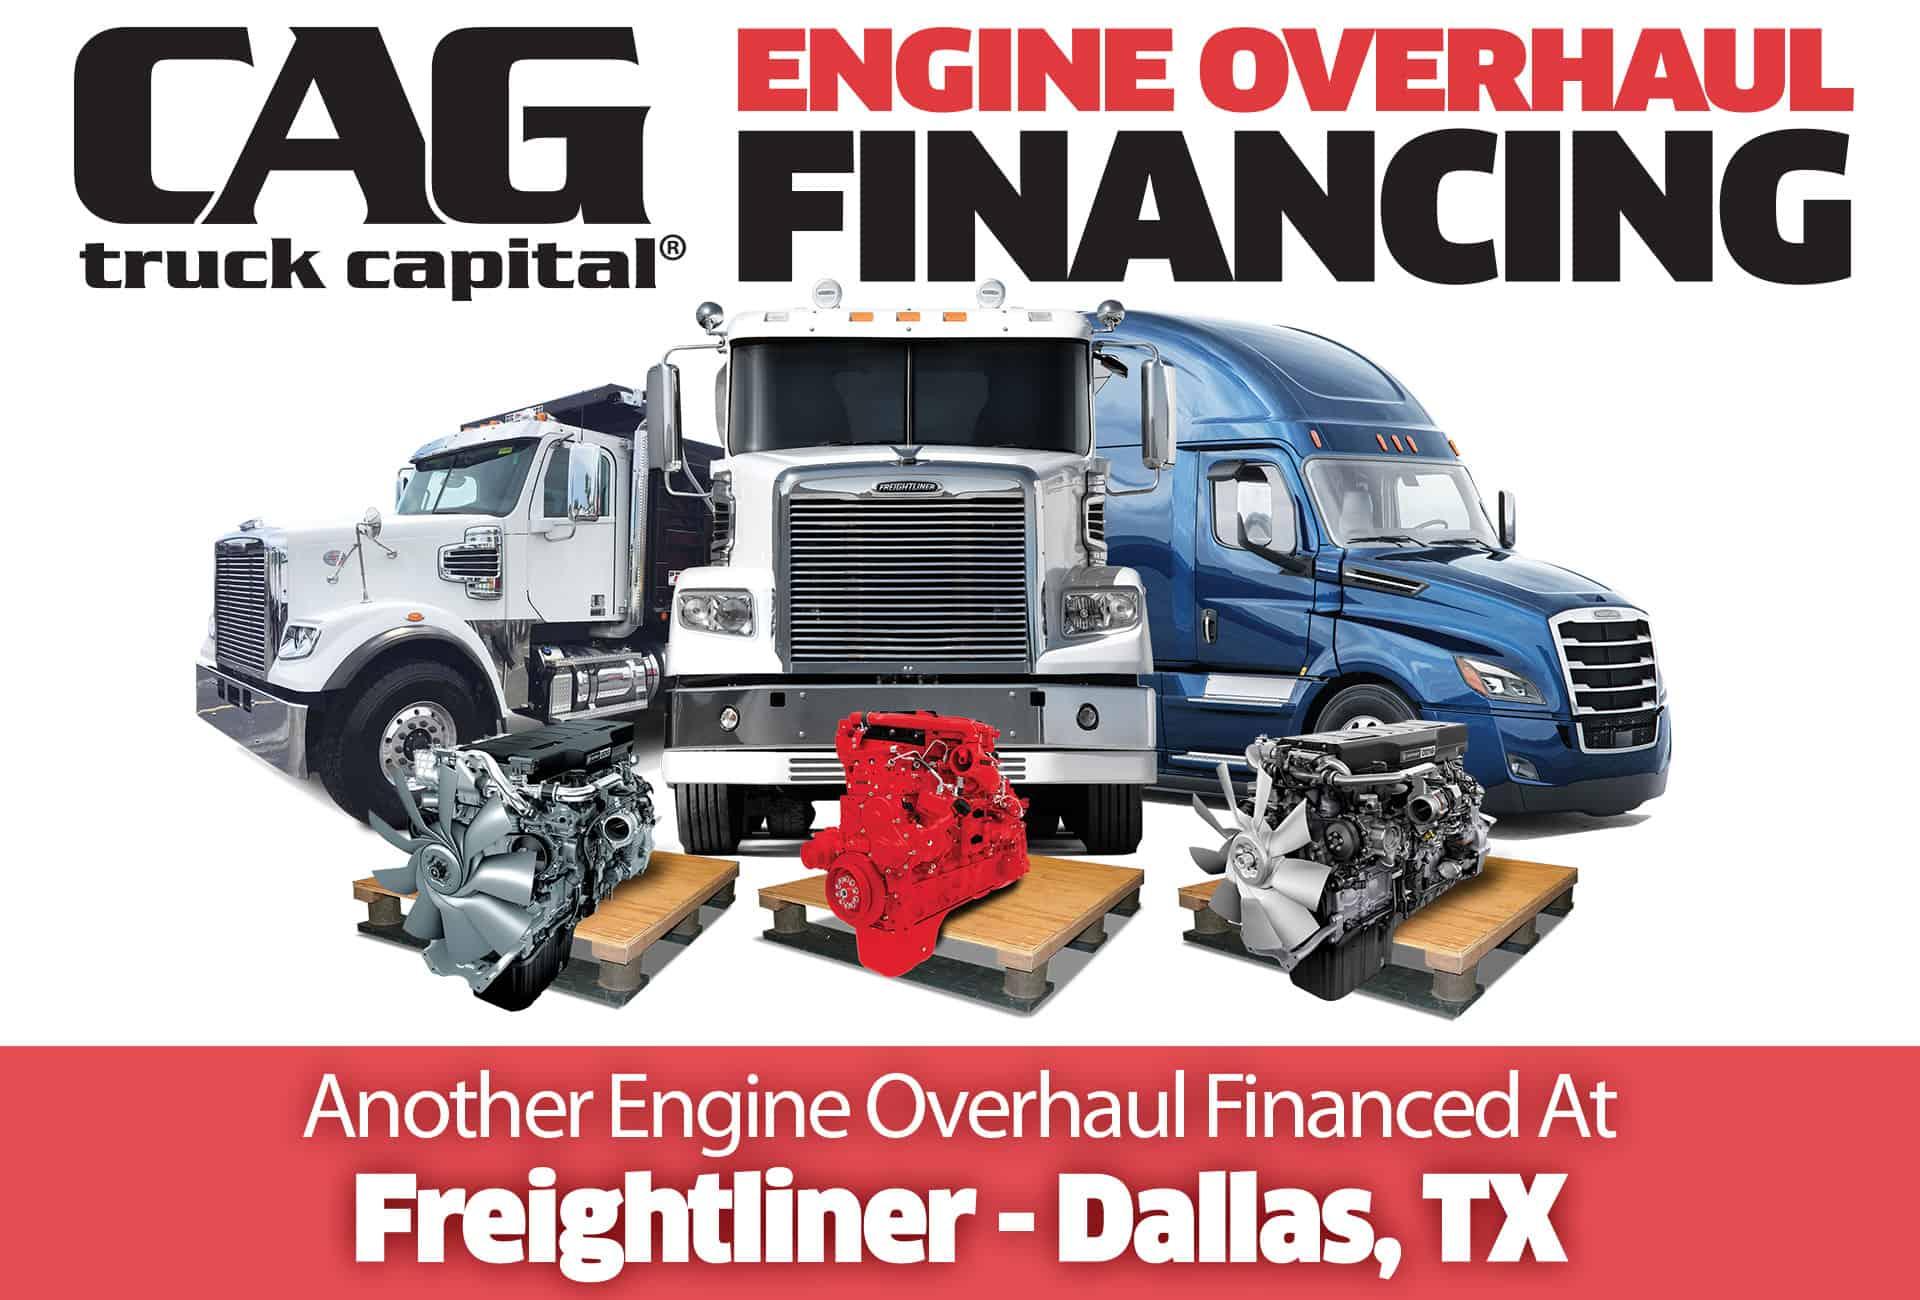 Freightliner Engine Overhauls In Dallas, TX